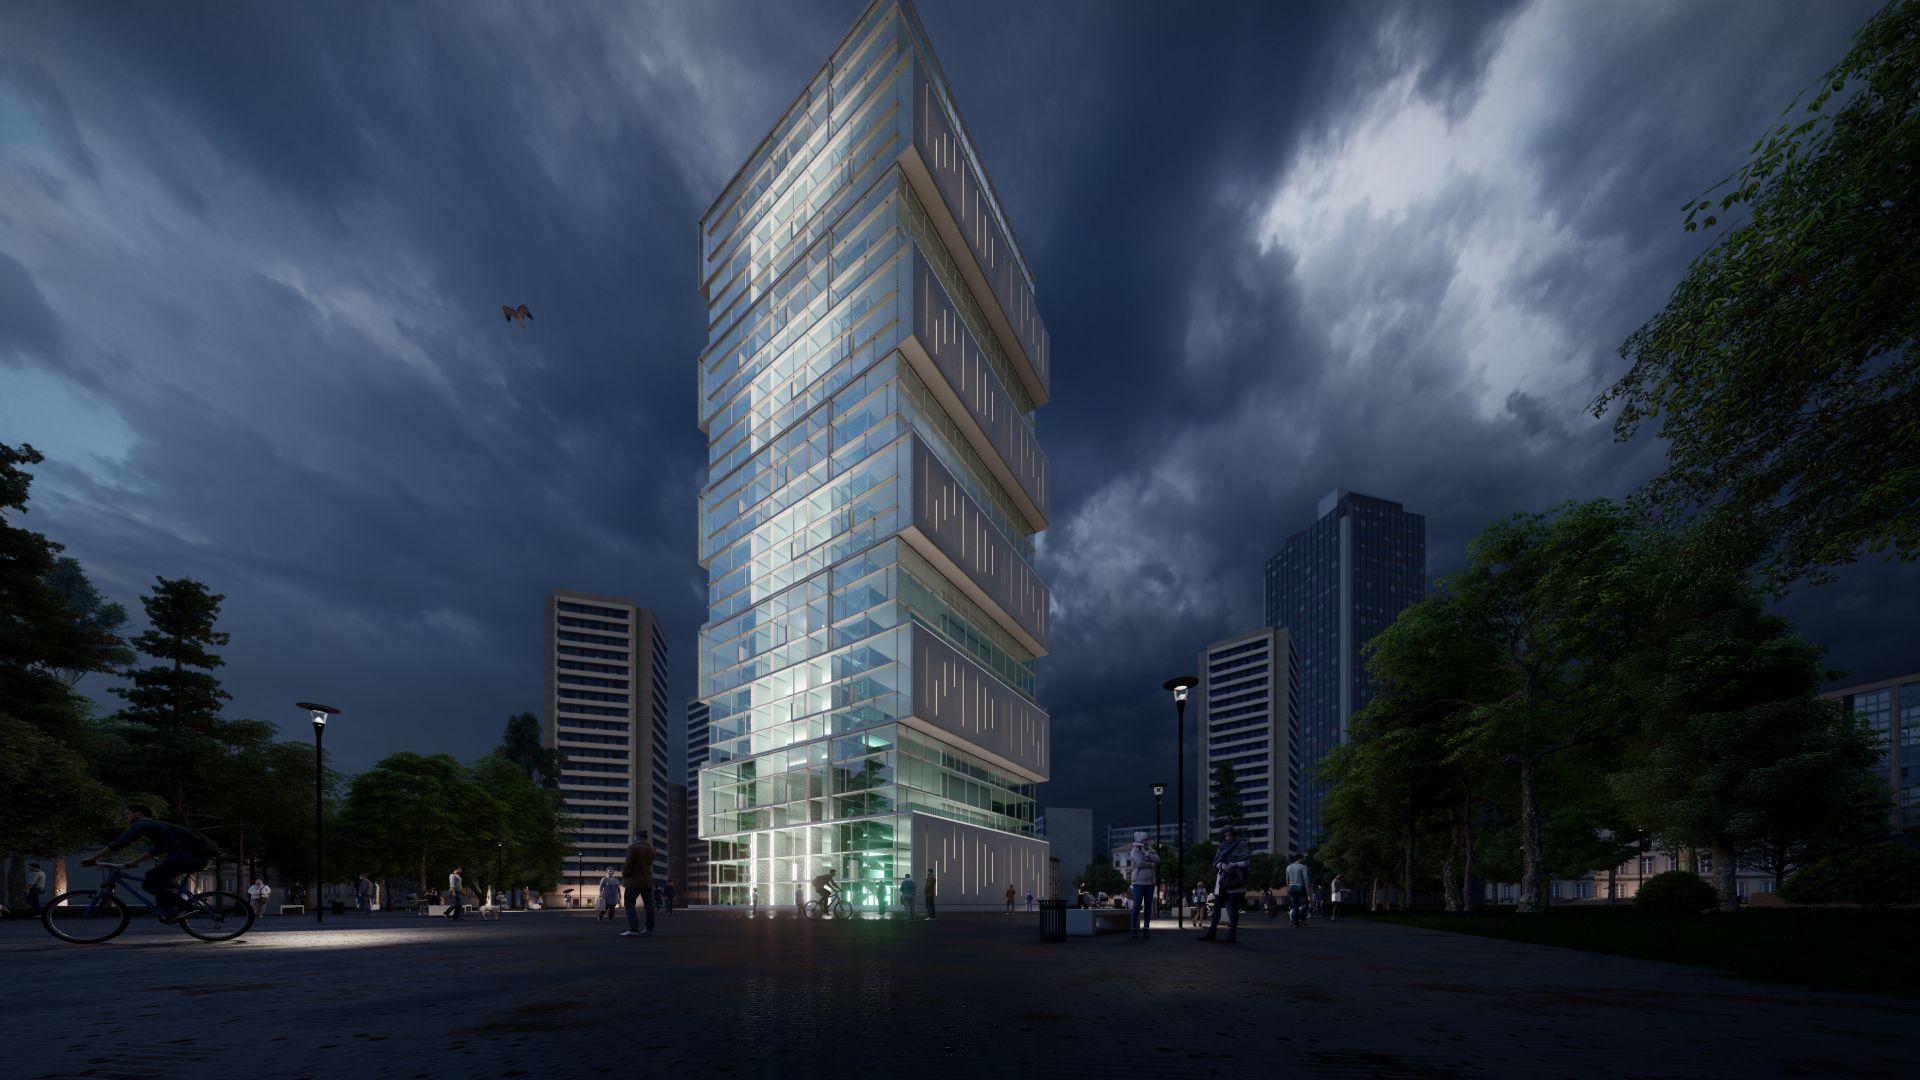 arhitektuurne 3d pilt hoone visualiseerimine 171